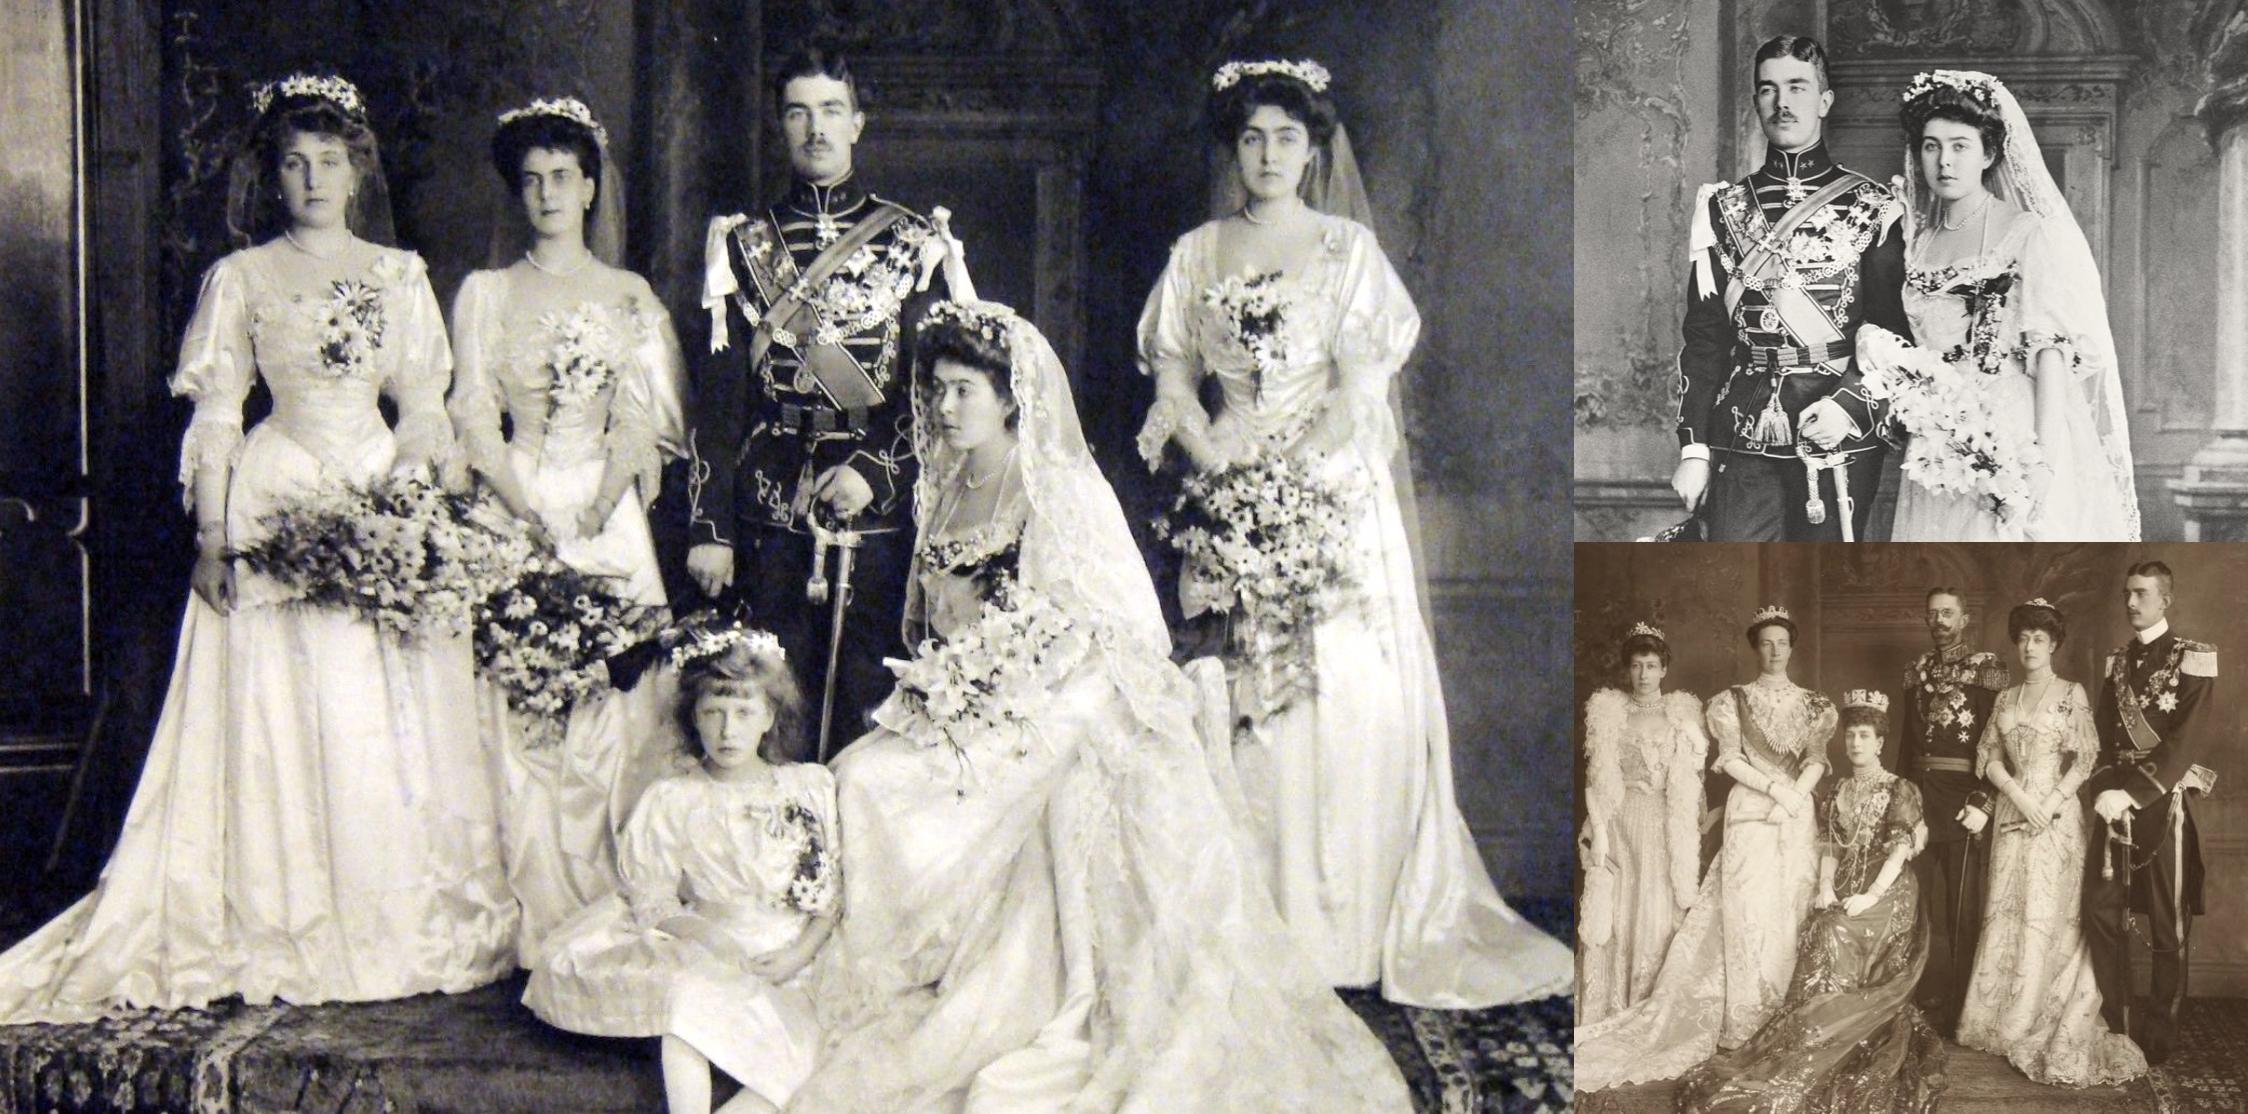 Wedding Of Prince Gustaf Adolf Of Sweden And Princess Margaret Of